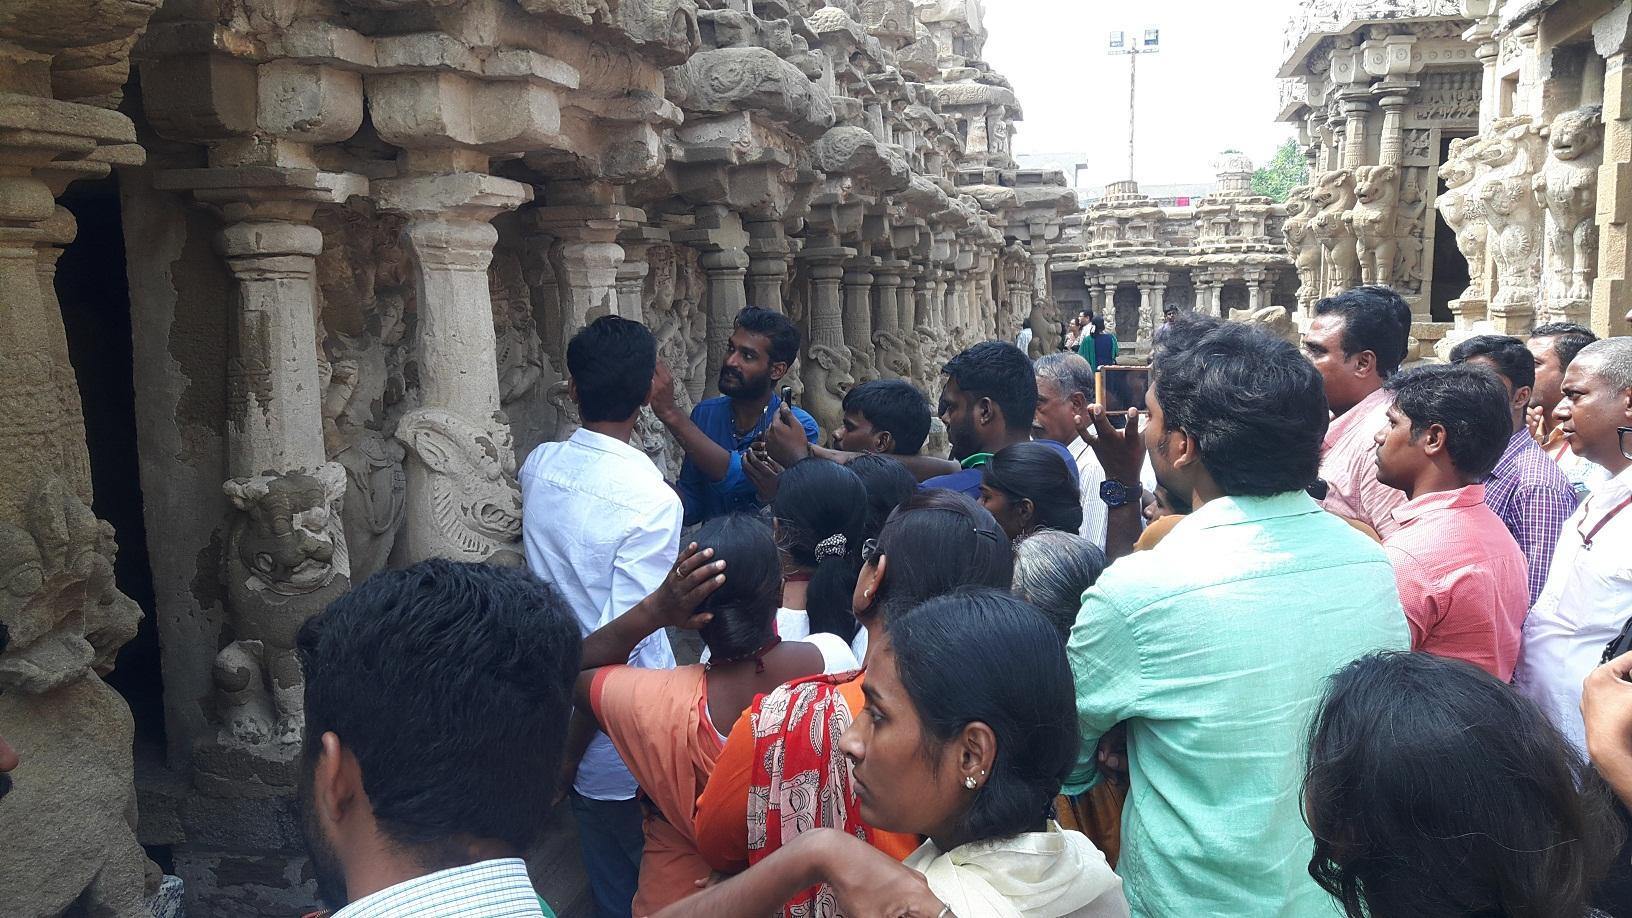 கைலாசநார் கோயில் காஞ்சிபுரம்